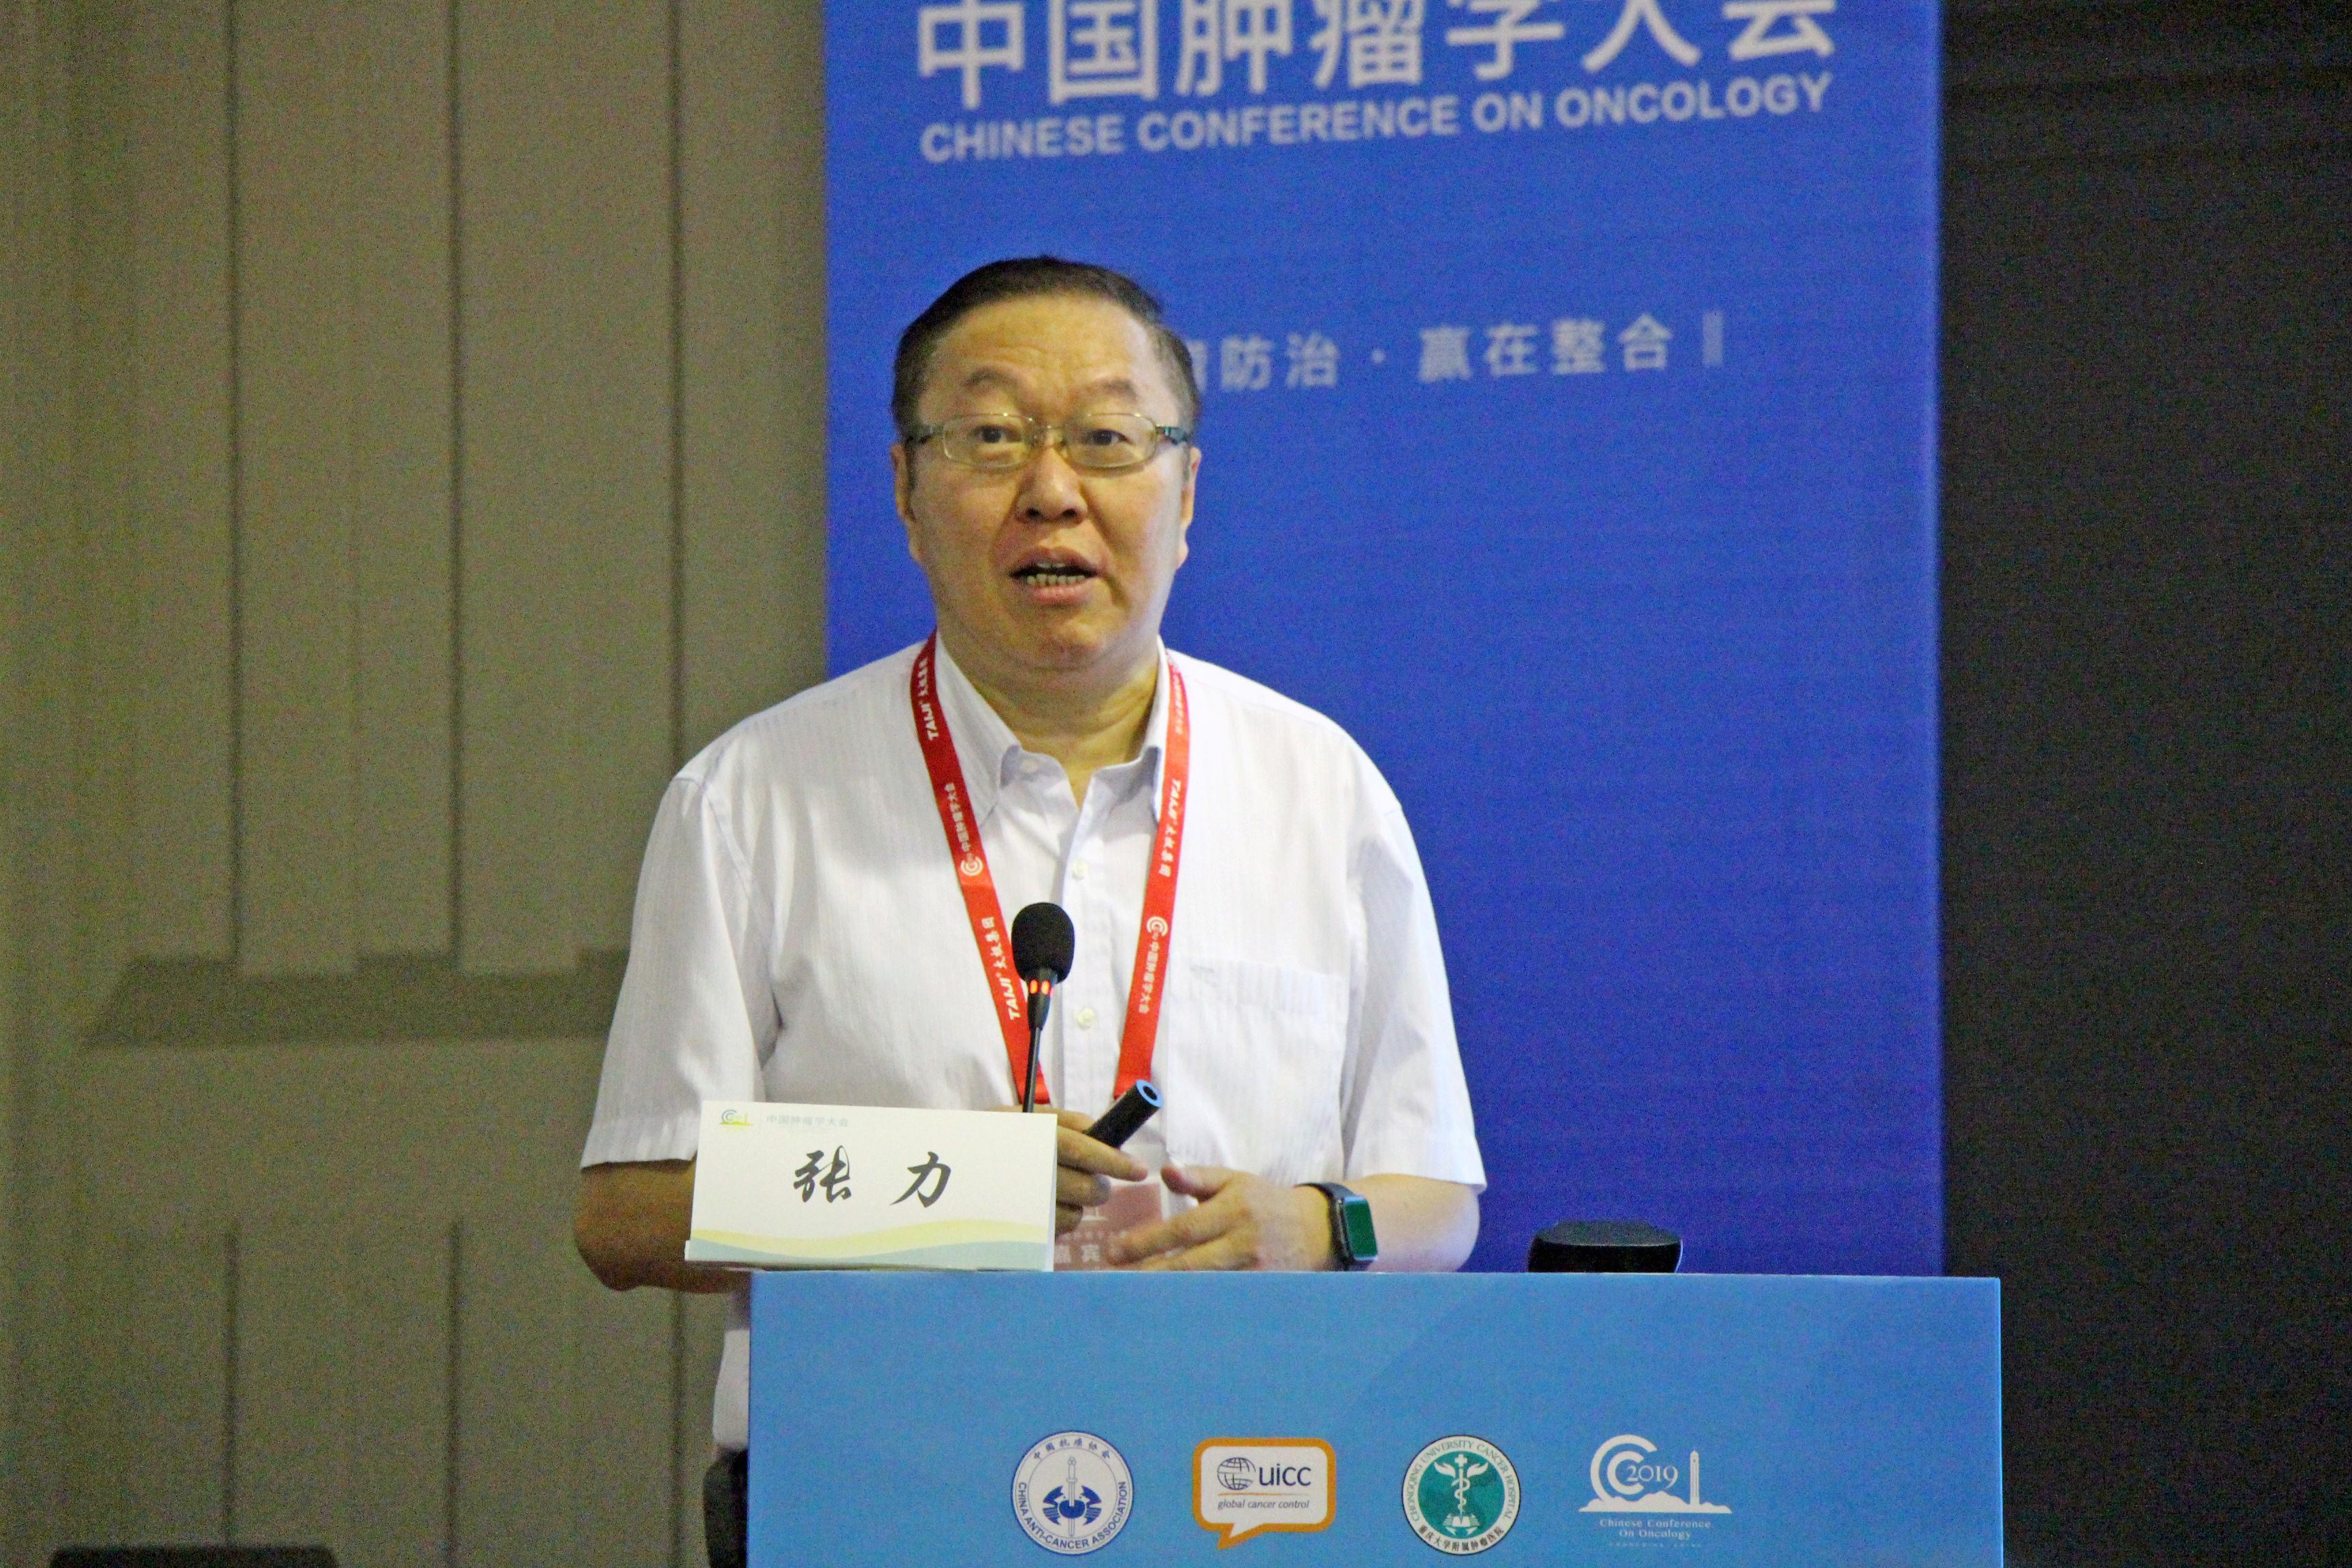 张力教授:非小细胞肺癌靶向治疗进展